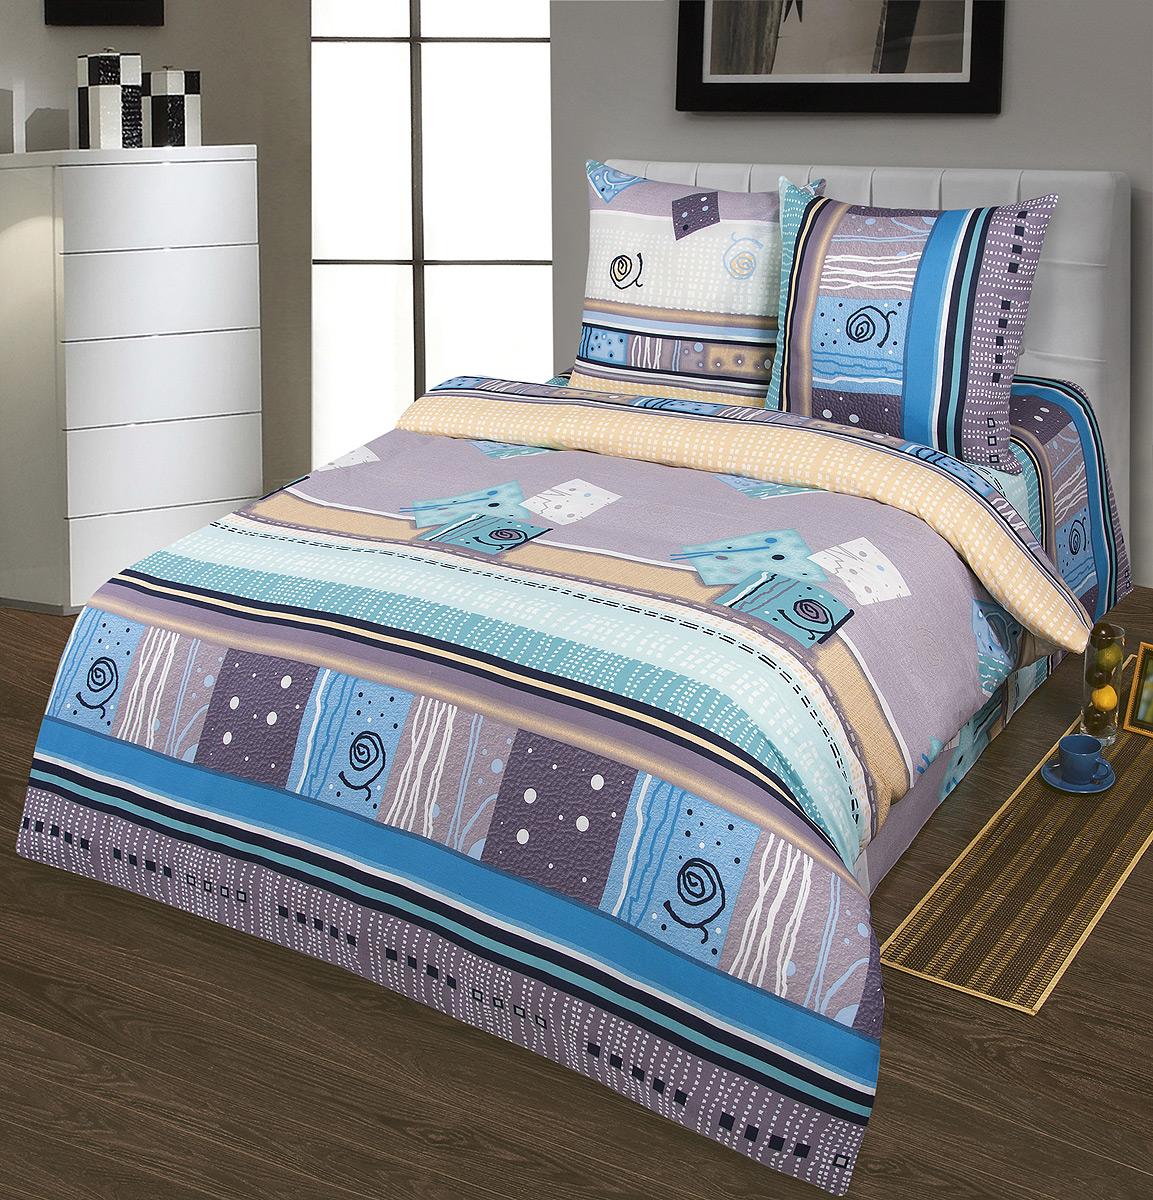 Комплект белья Шоколад Мираж, семейный, наволочки 70x70. Б120Б120Комплект постельного белья Шоколад Мираж является экологически безопасным для всей семьи, так как выполнен из натурального хлопка. Комплект состоит из двух пододеяльников, простыни и двух наволочек. Постельное белье оформлено оригинальным рисунком и имеет изысканный внешний вид.Бязь - это ткань полотняного переплетения, изготовленная из экологически чистого и натурального 100% хлопка. Она прочная, мягкая, обладает низкой сминаемостью, легко стирается и хорошо гладится. Бязь прекрасно пропускает воздух и за ней легко ухаживать. При соблюдении рекомендуемых условий стирки, сушки и глажения ткань имеет усадку по ГОСТу, сохранятся яркость текстильных рисунков. Приобретая комплект постельного белья Шоколад Мираж, вы можете быть уверены в том, что покупка доставит вам и вашим близким удовольствие иподарит максимальный комфорт.